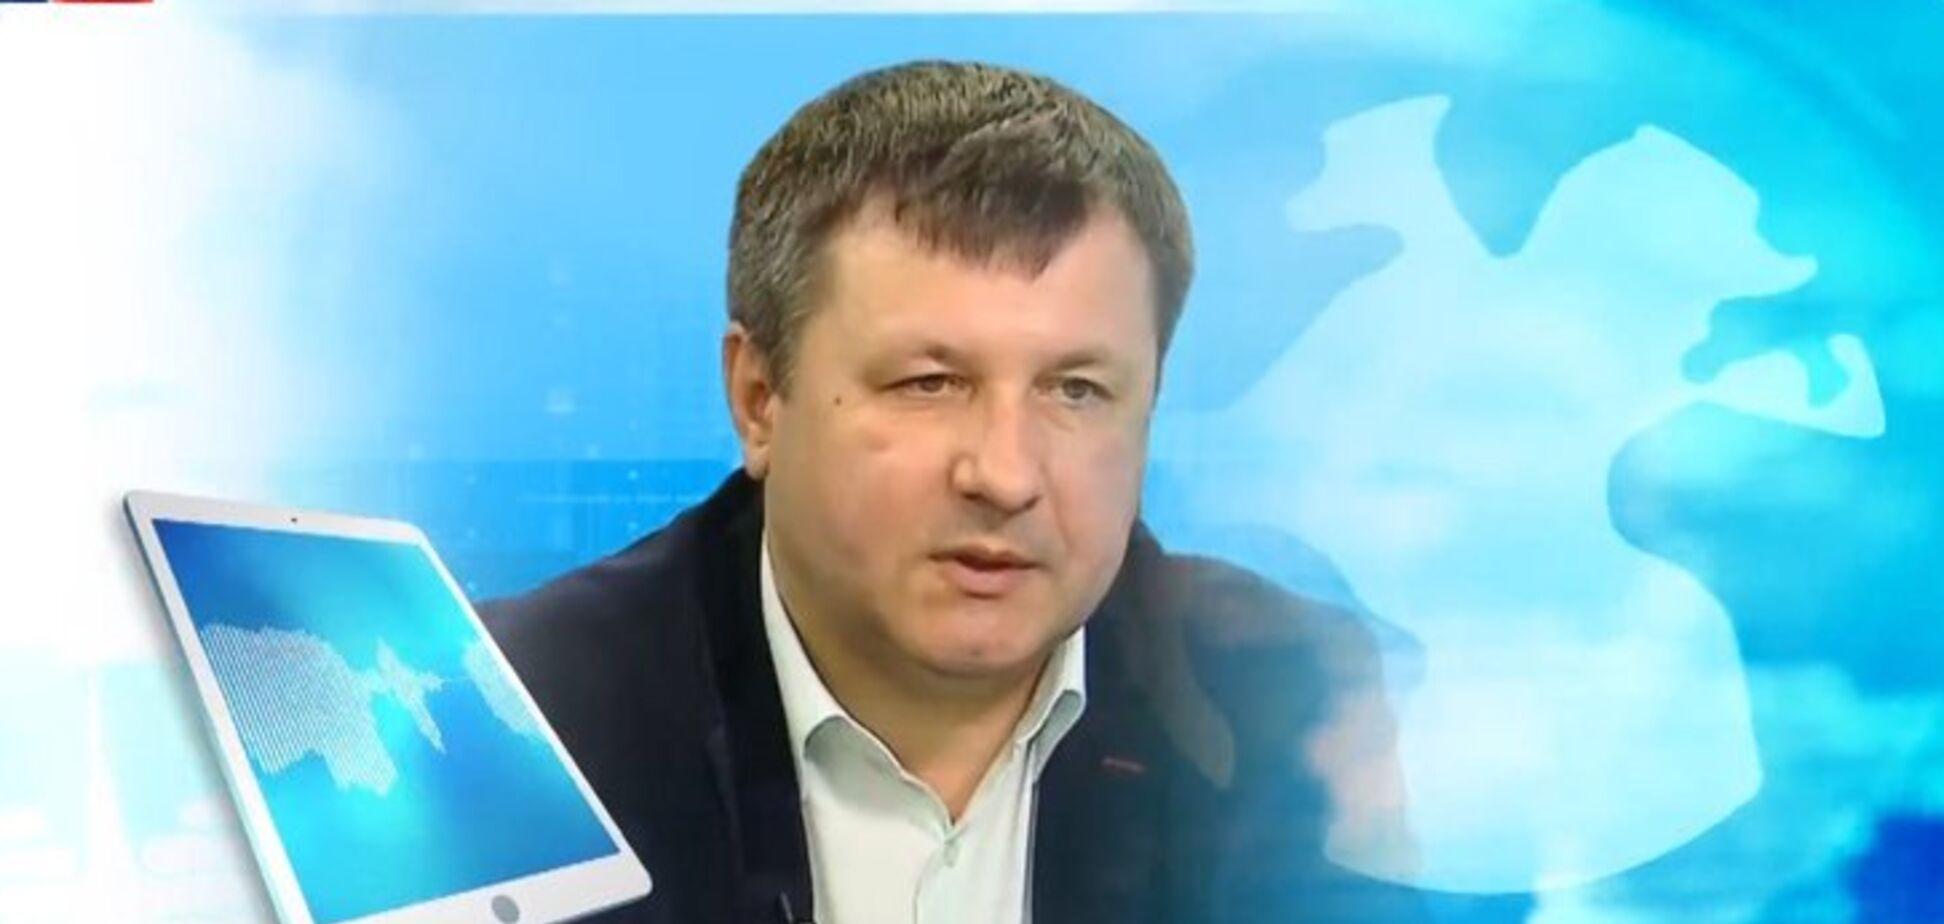 Зміна голови британського уряду: чи зміниться політика Лондона щодо України